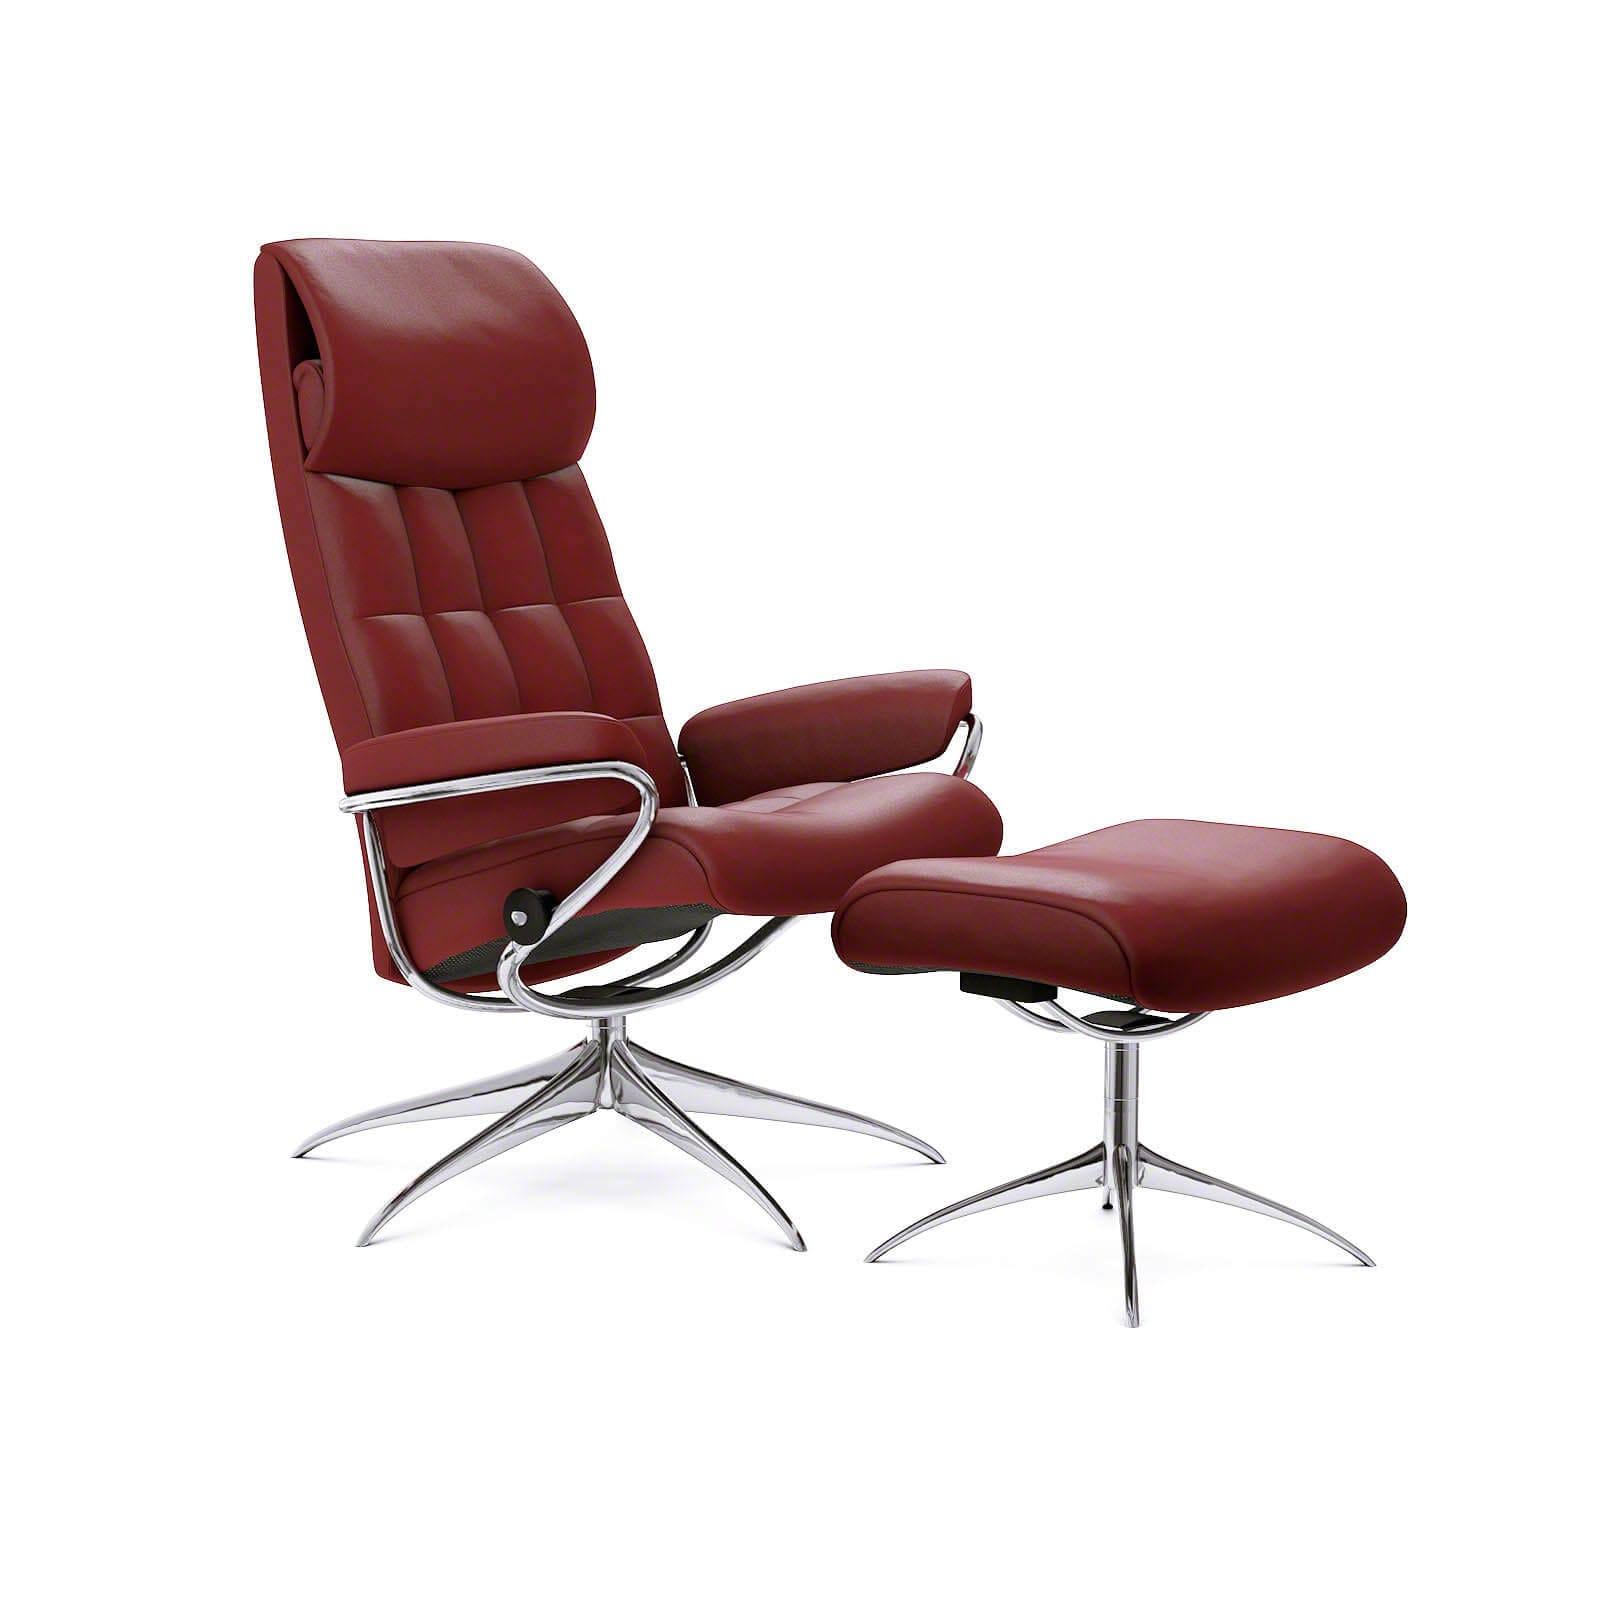 Stressless London Sessel mit hoher Lehne Lederfarbe cherry